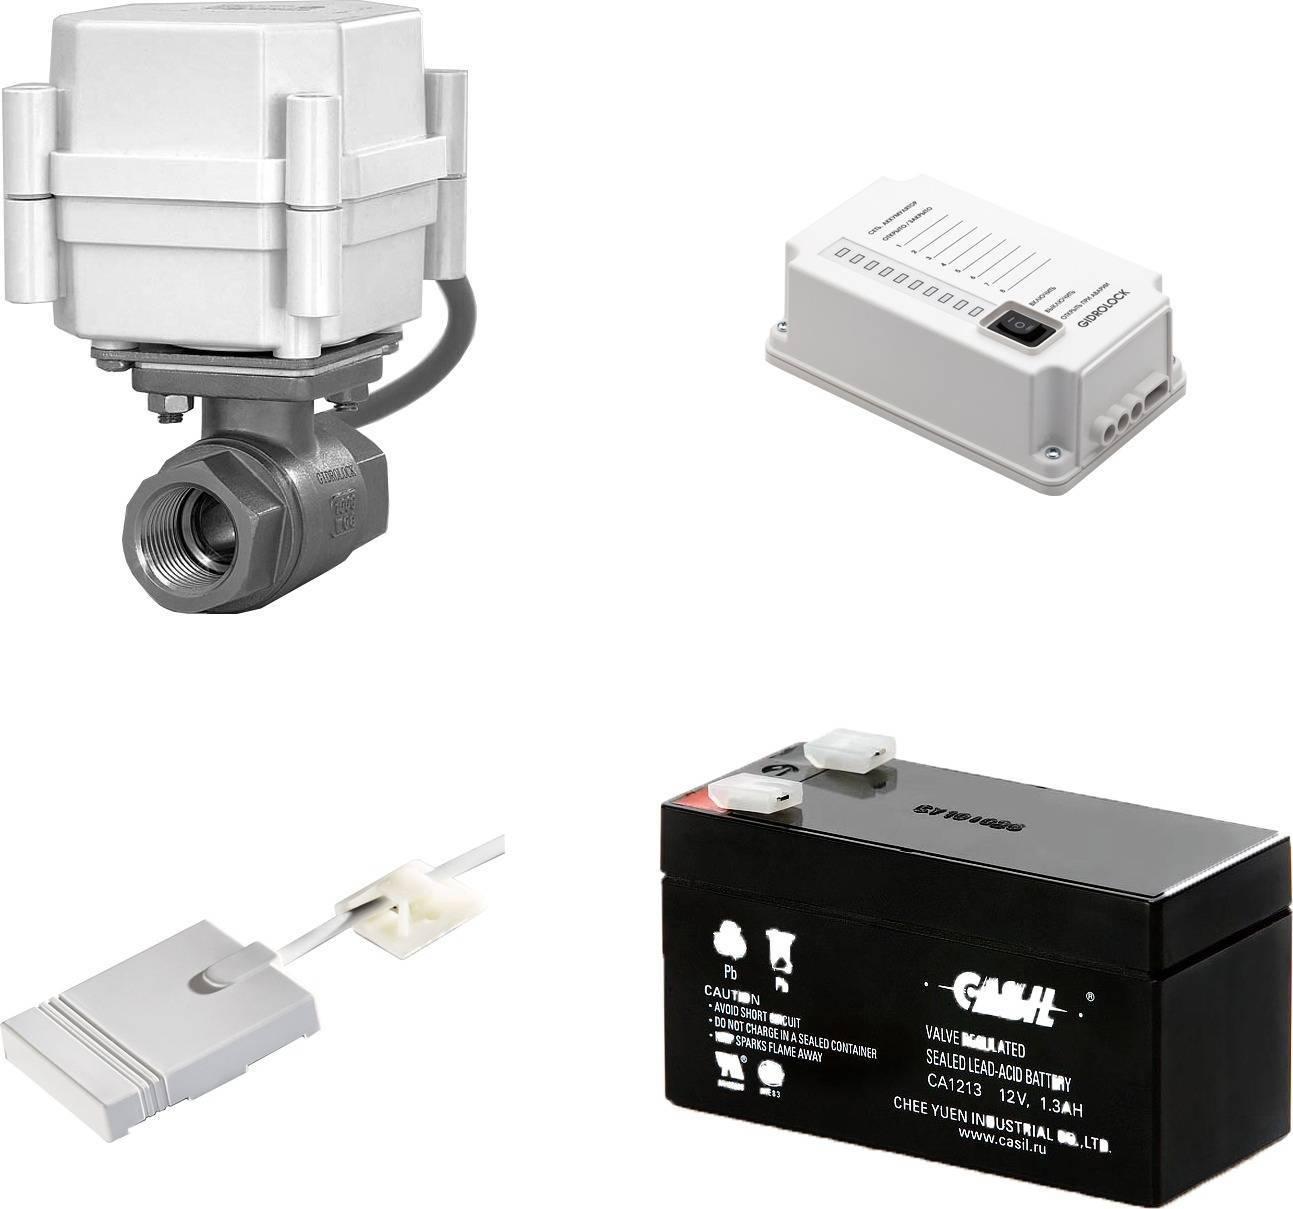 Калькулятор системы контроля протечки воды gidrolock |купить комплект системы от протечек гидролок